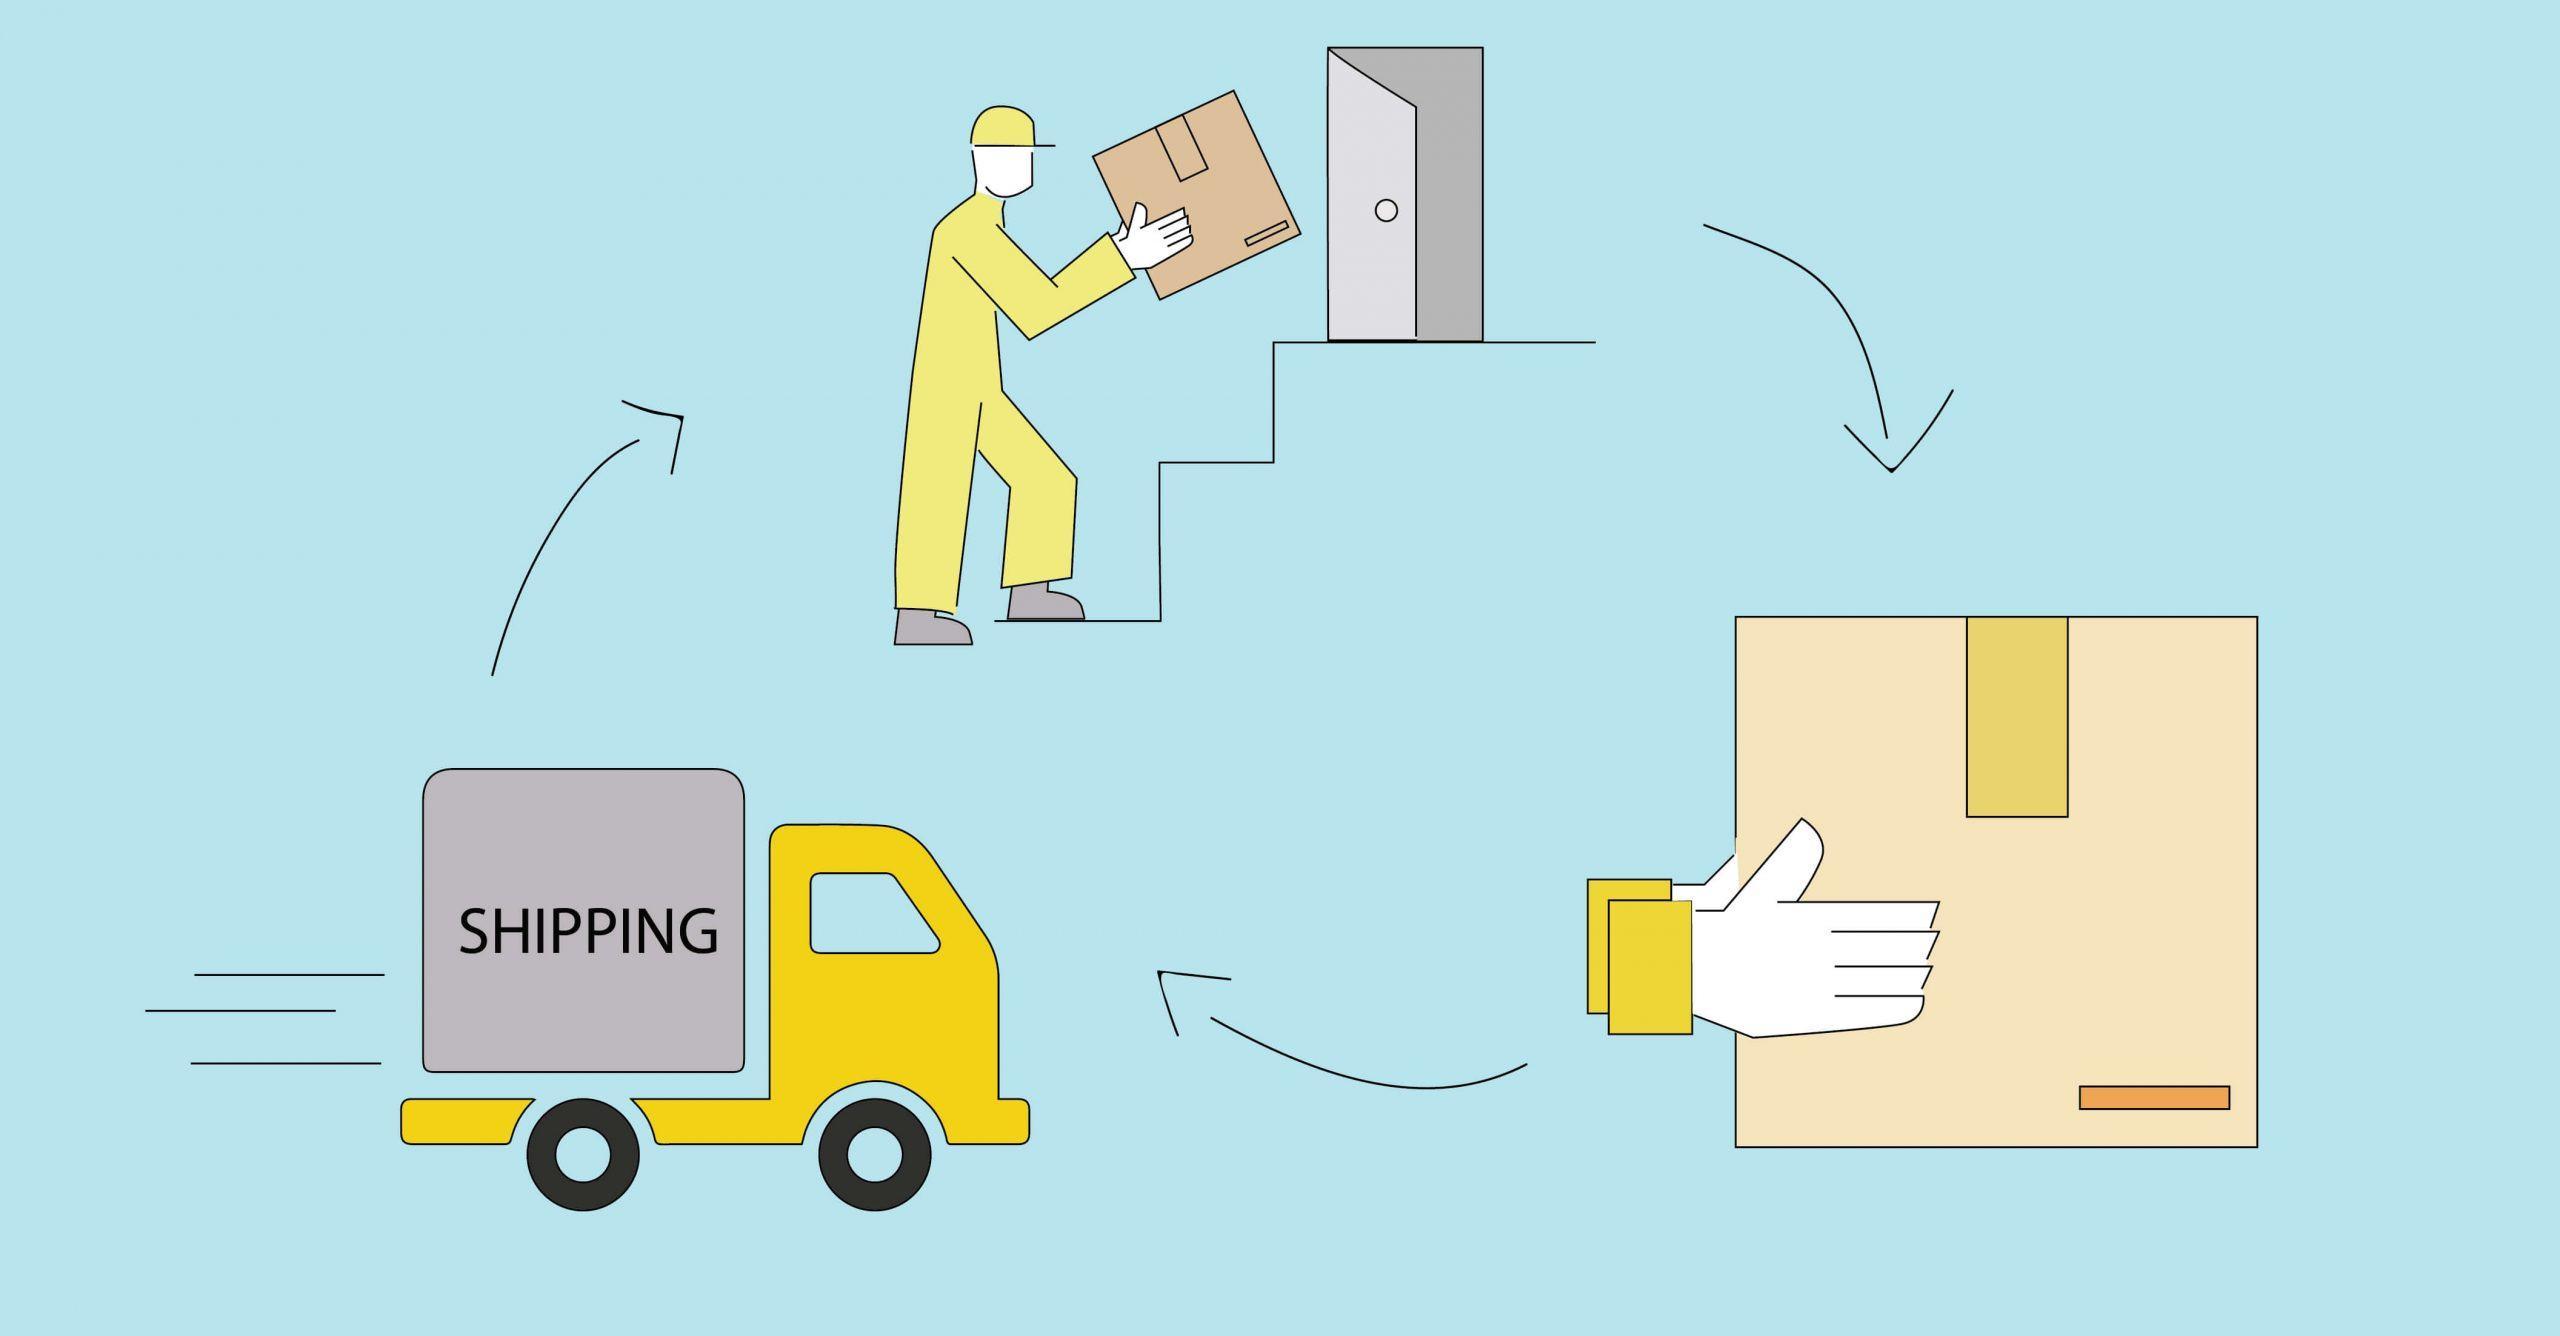 Tổng hợp các đơn vị vận chuyển giá rẻ mà người kinh doanh cần biết năm 2021